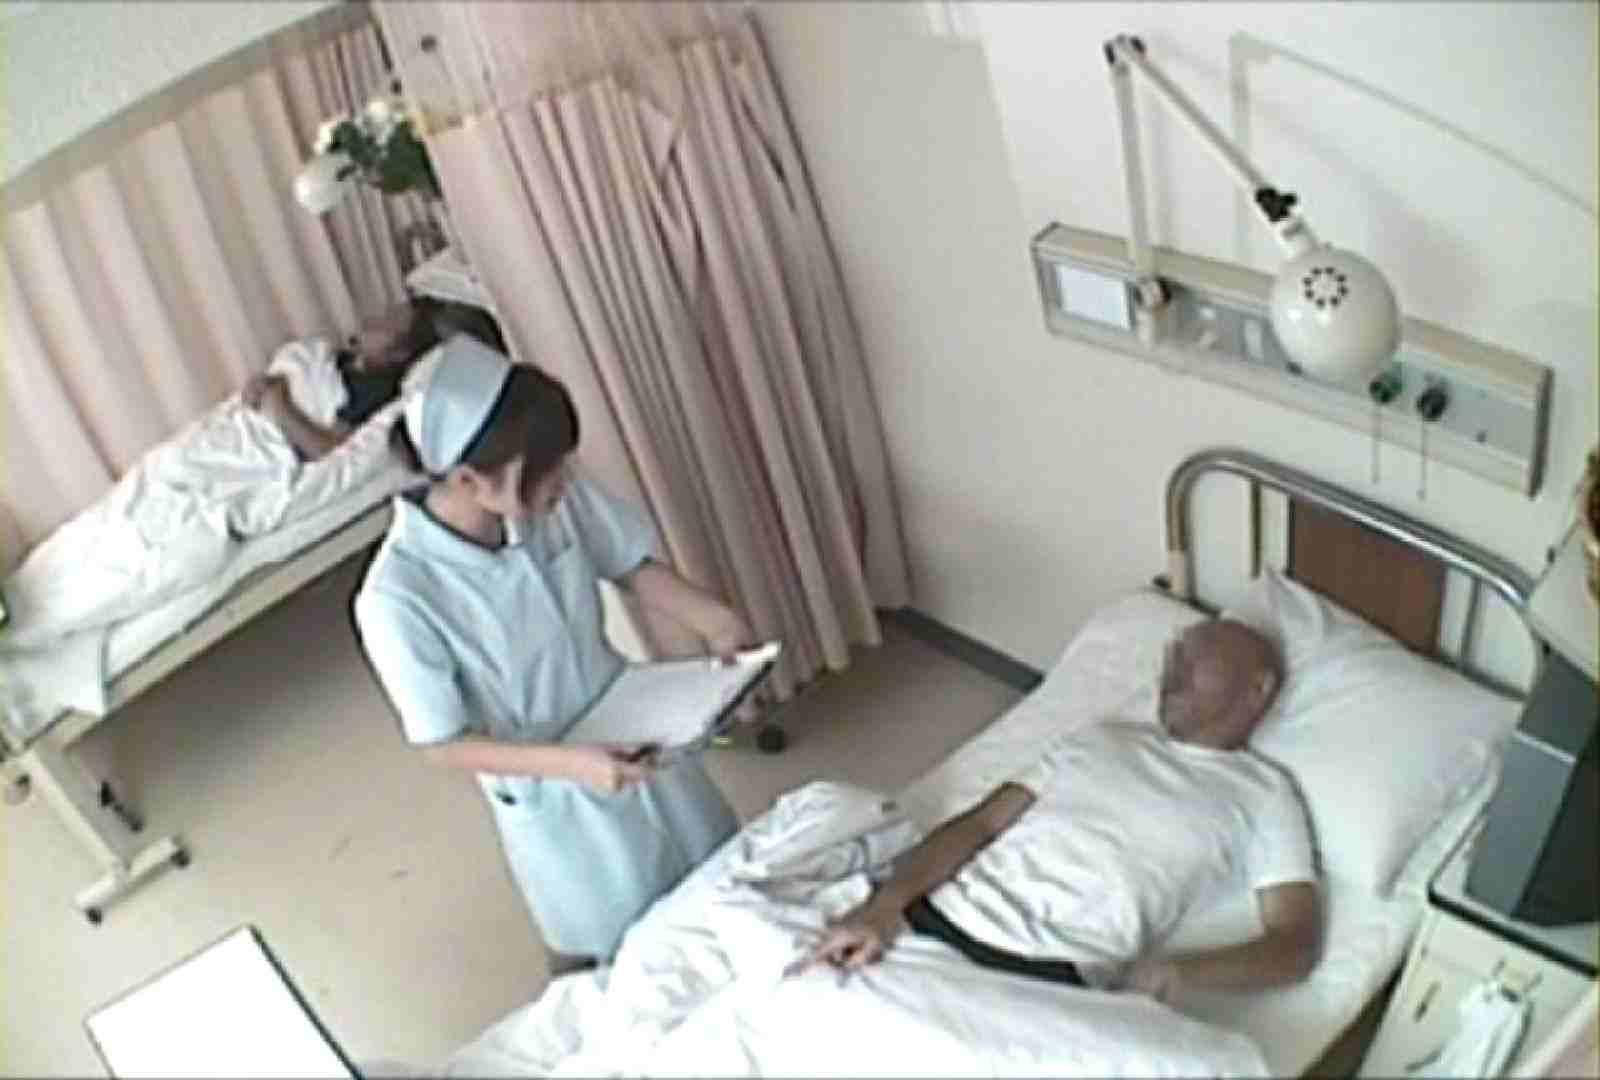 絶対に逝ってはいけない寸止め病棟Vol.2 OLセックス | 0  76画像 1